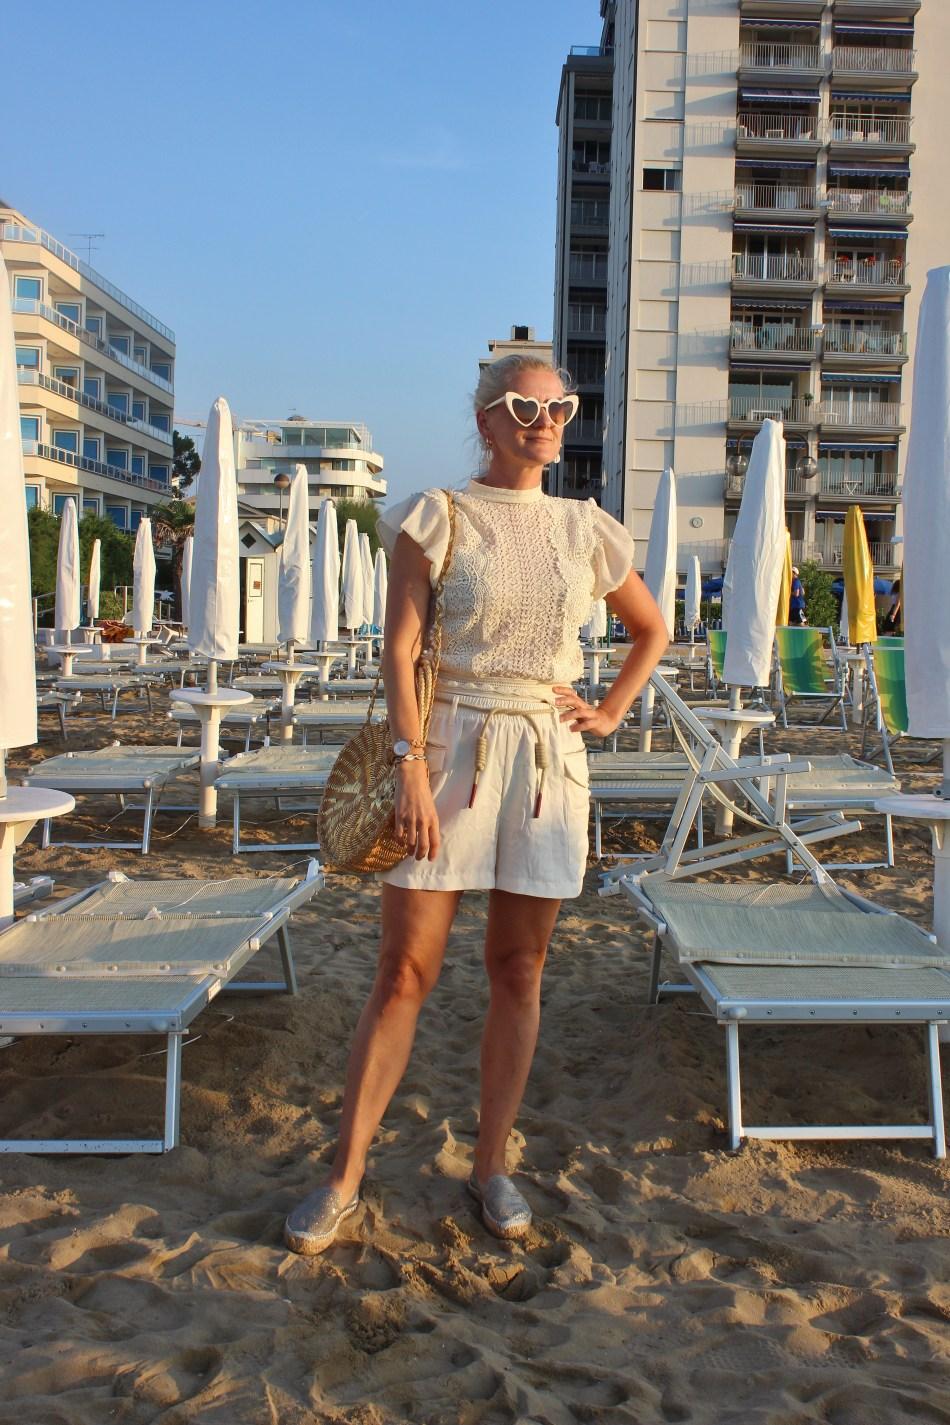 AllinWhite-Beige-Summerlook-Summerfashion-runde-Korbtasche-Espadrilles-Gold-Shorts-carrieslifestyle-Tamara-Prutsch